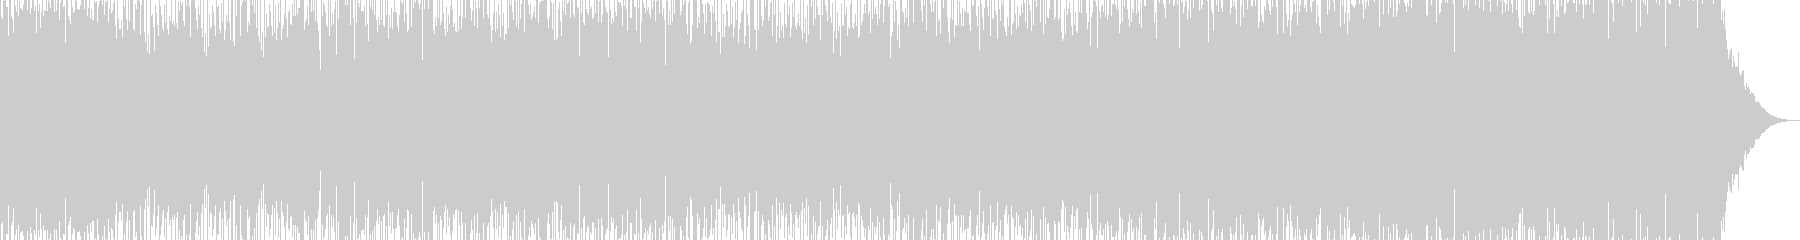 攻撃的なパンクロックの未再生の波形